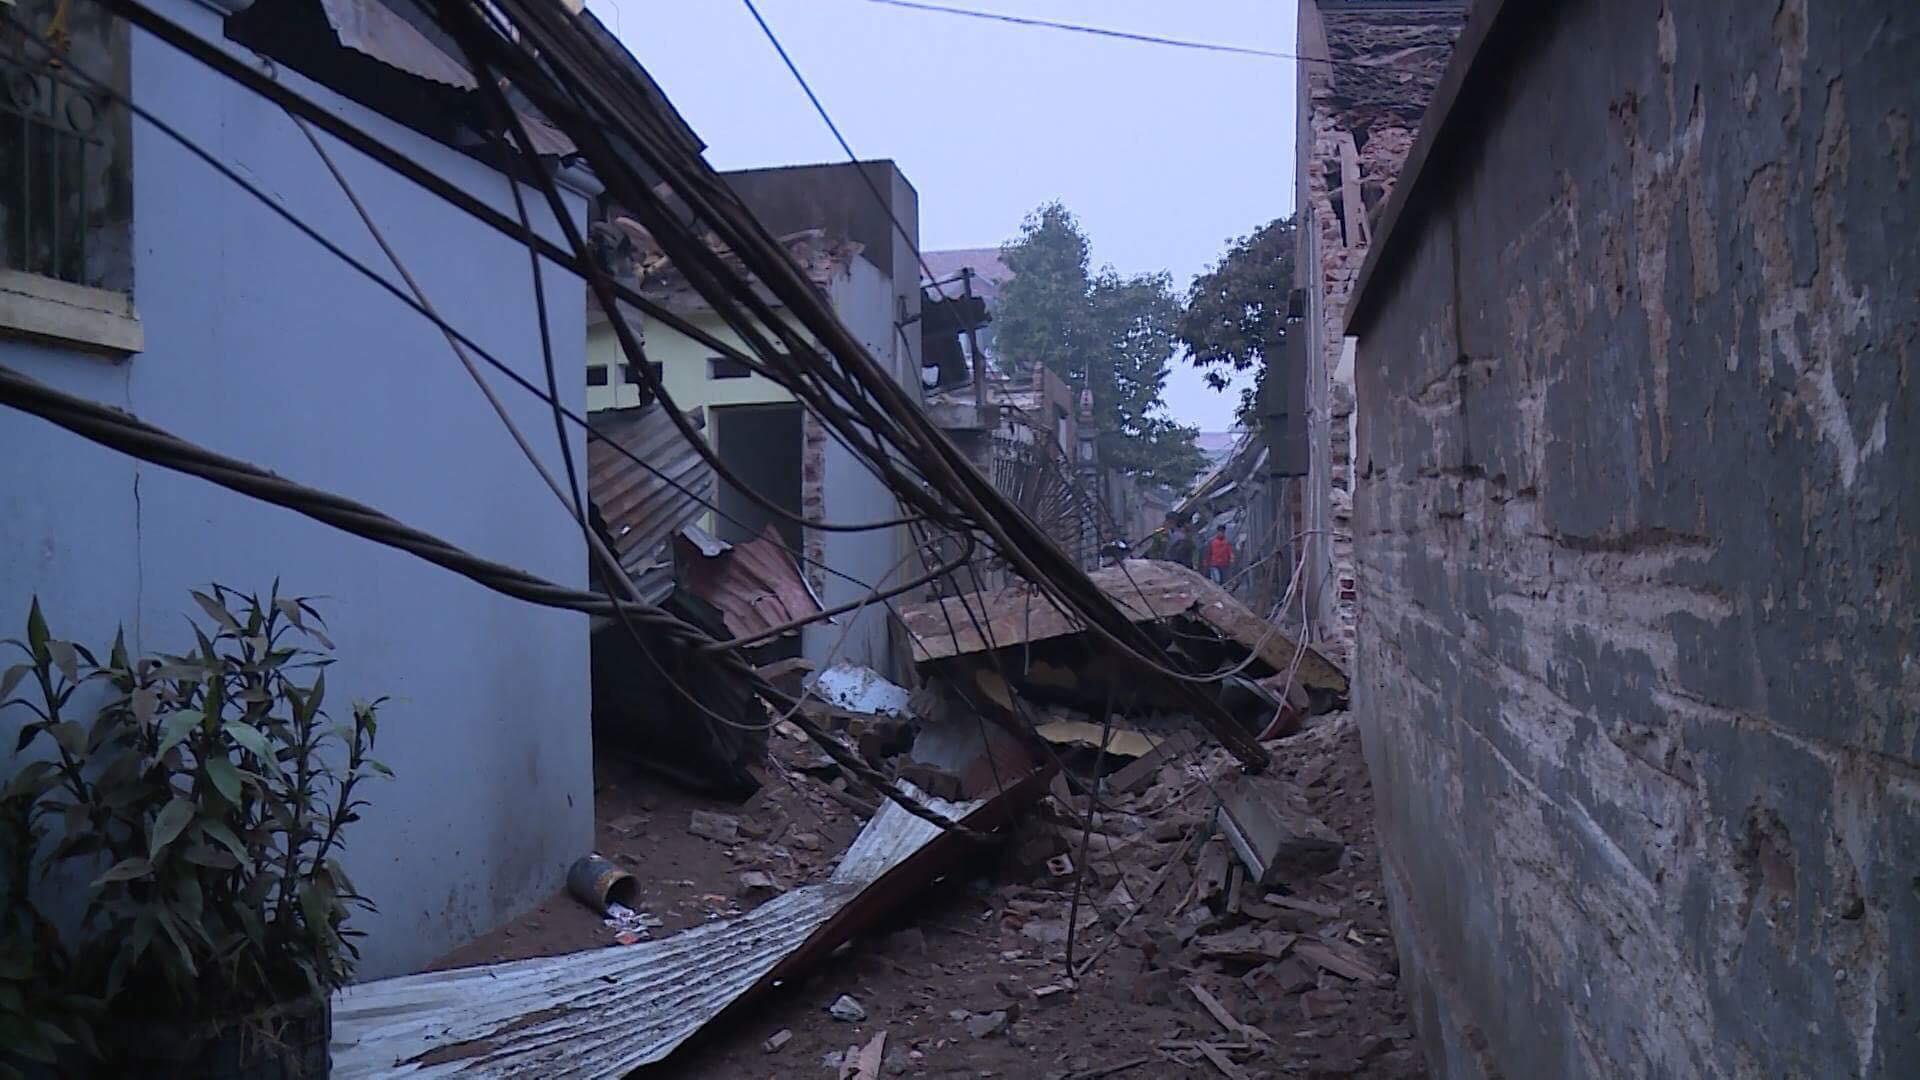 Nổ kinh hoàng ở Bắc Ninh lúc rạng sáng khiến 2 cháu bé tử vong, nhiều ngôi nhà bị san phẳng - Ảnh 7.